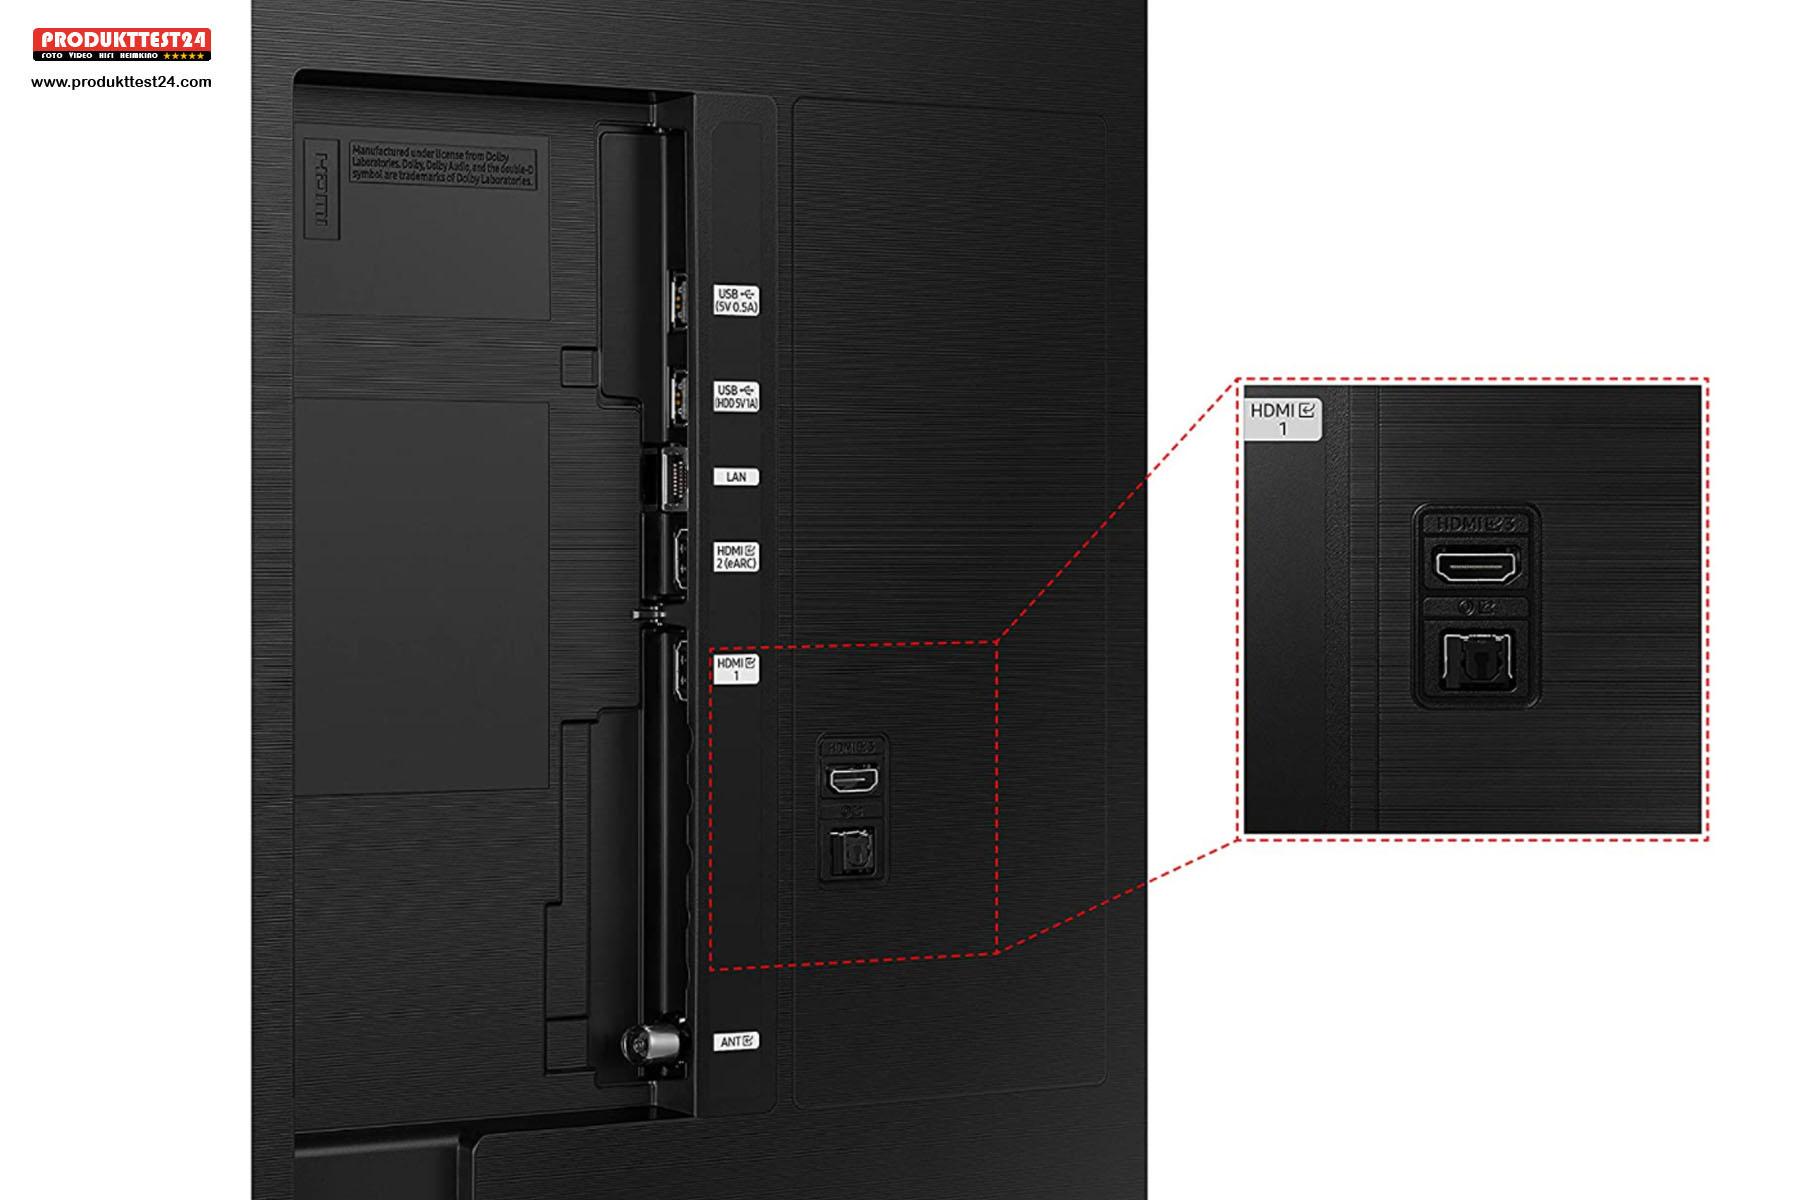 Die Anschlüsse des Samsung GU43AU8079 UHD Fernseher